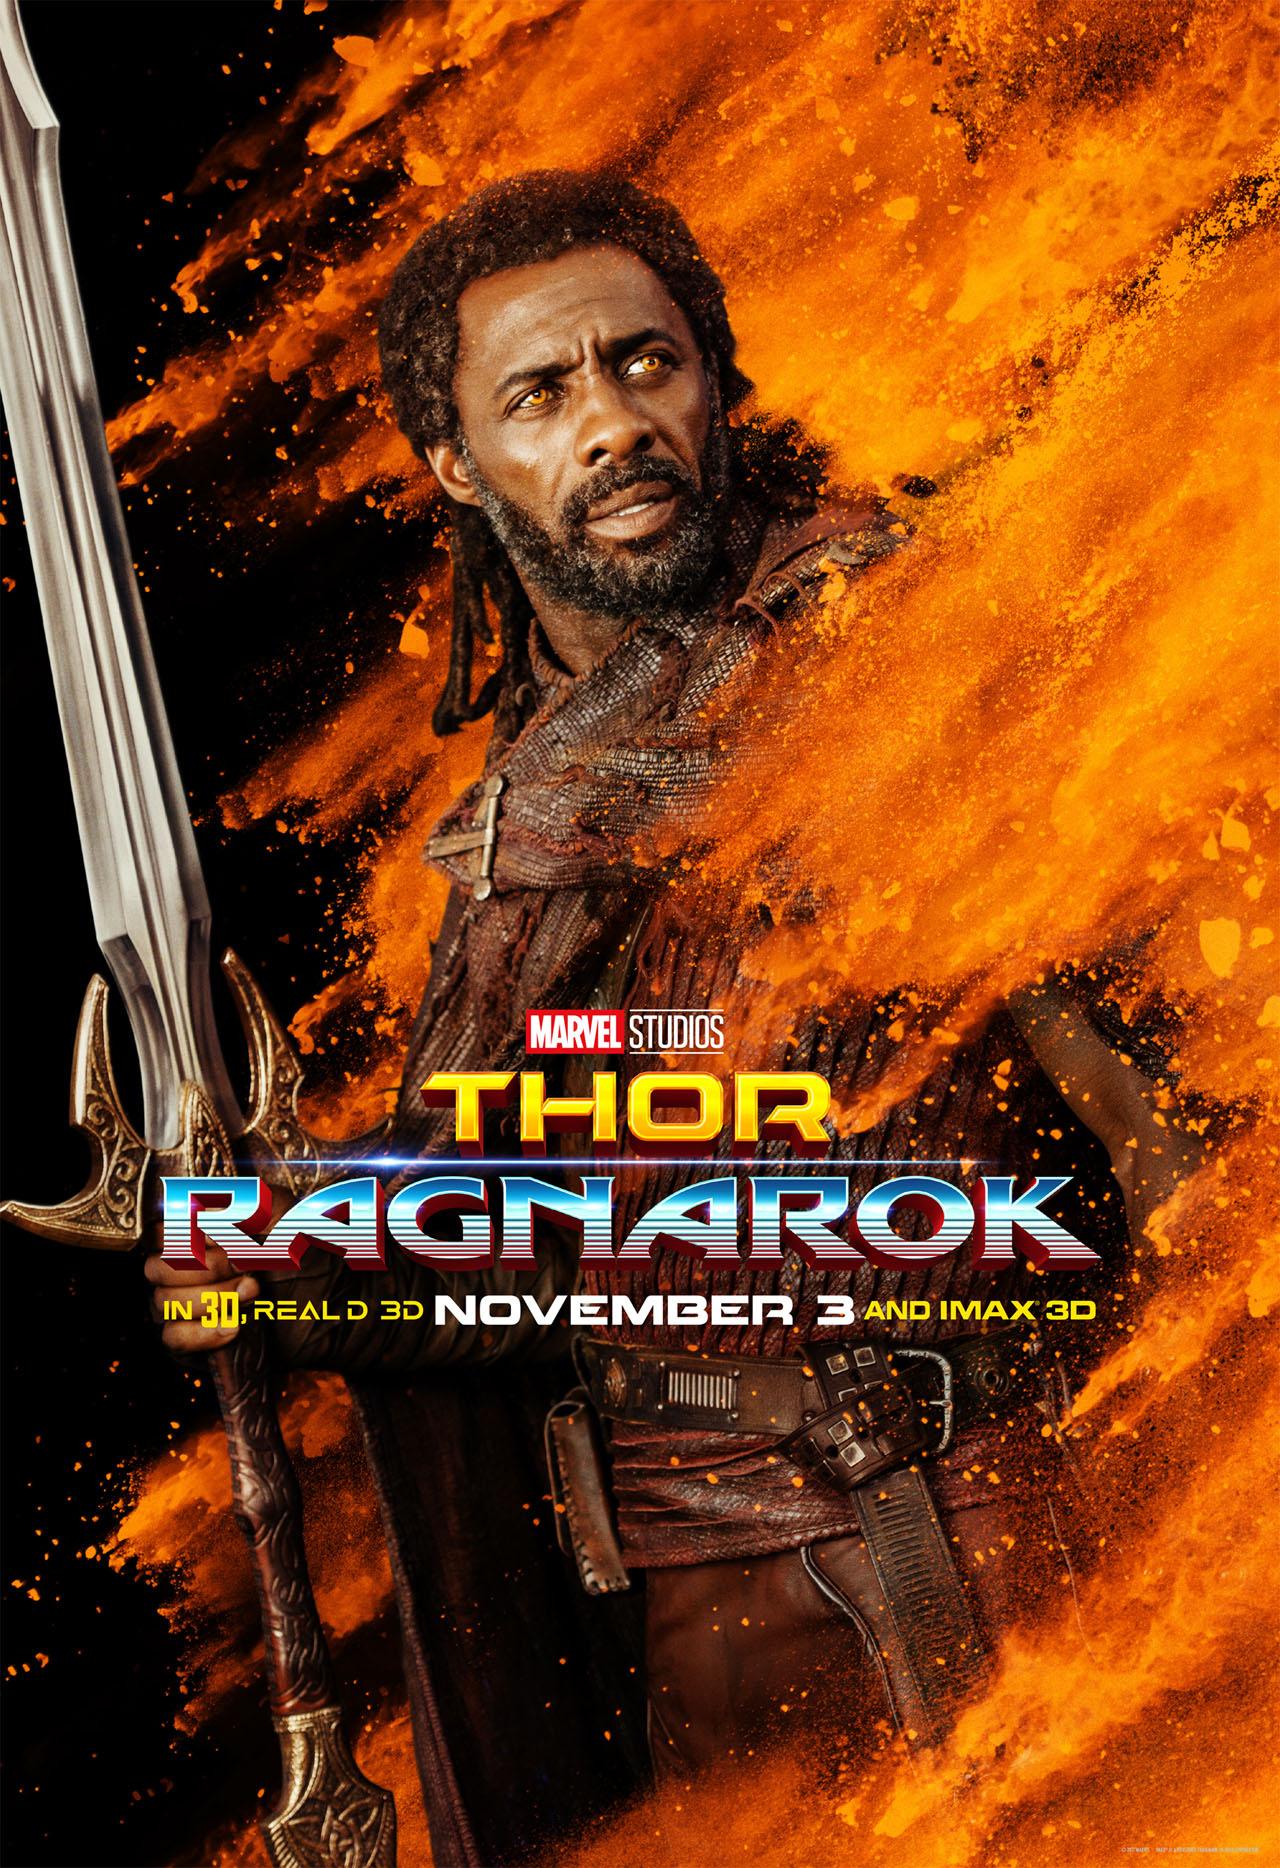 Capa Thor 3: Ragnarok Torrent Dublado 720p 1080p 5.1 Baixar